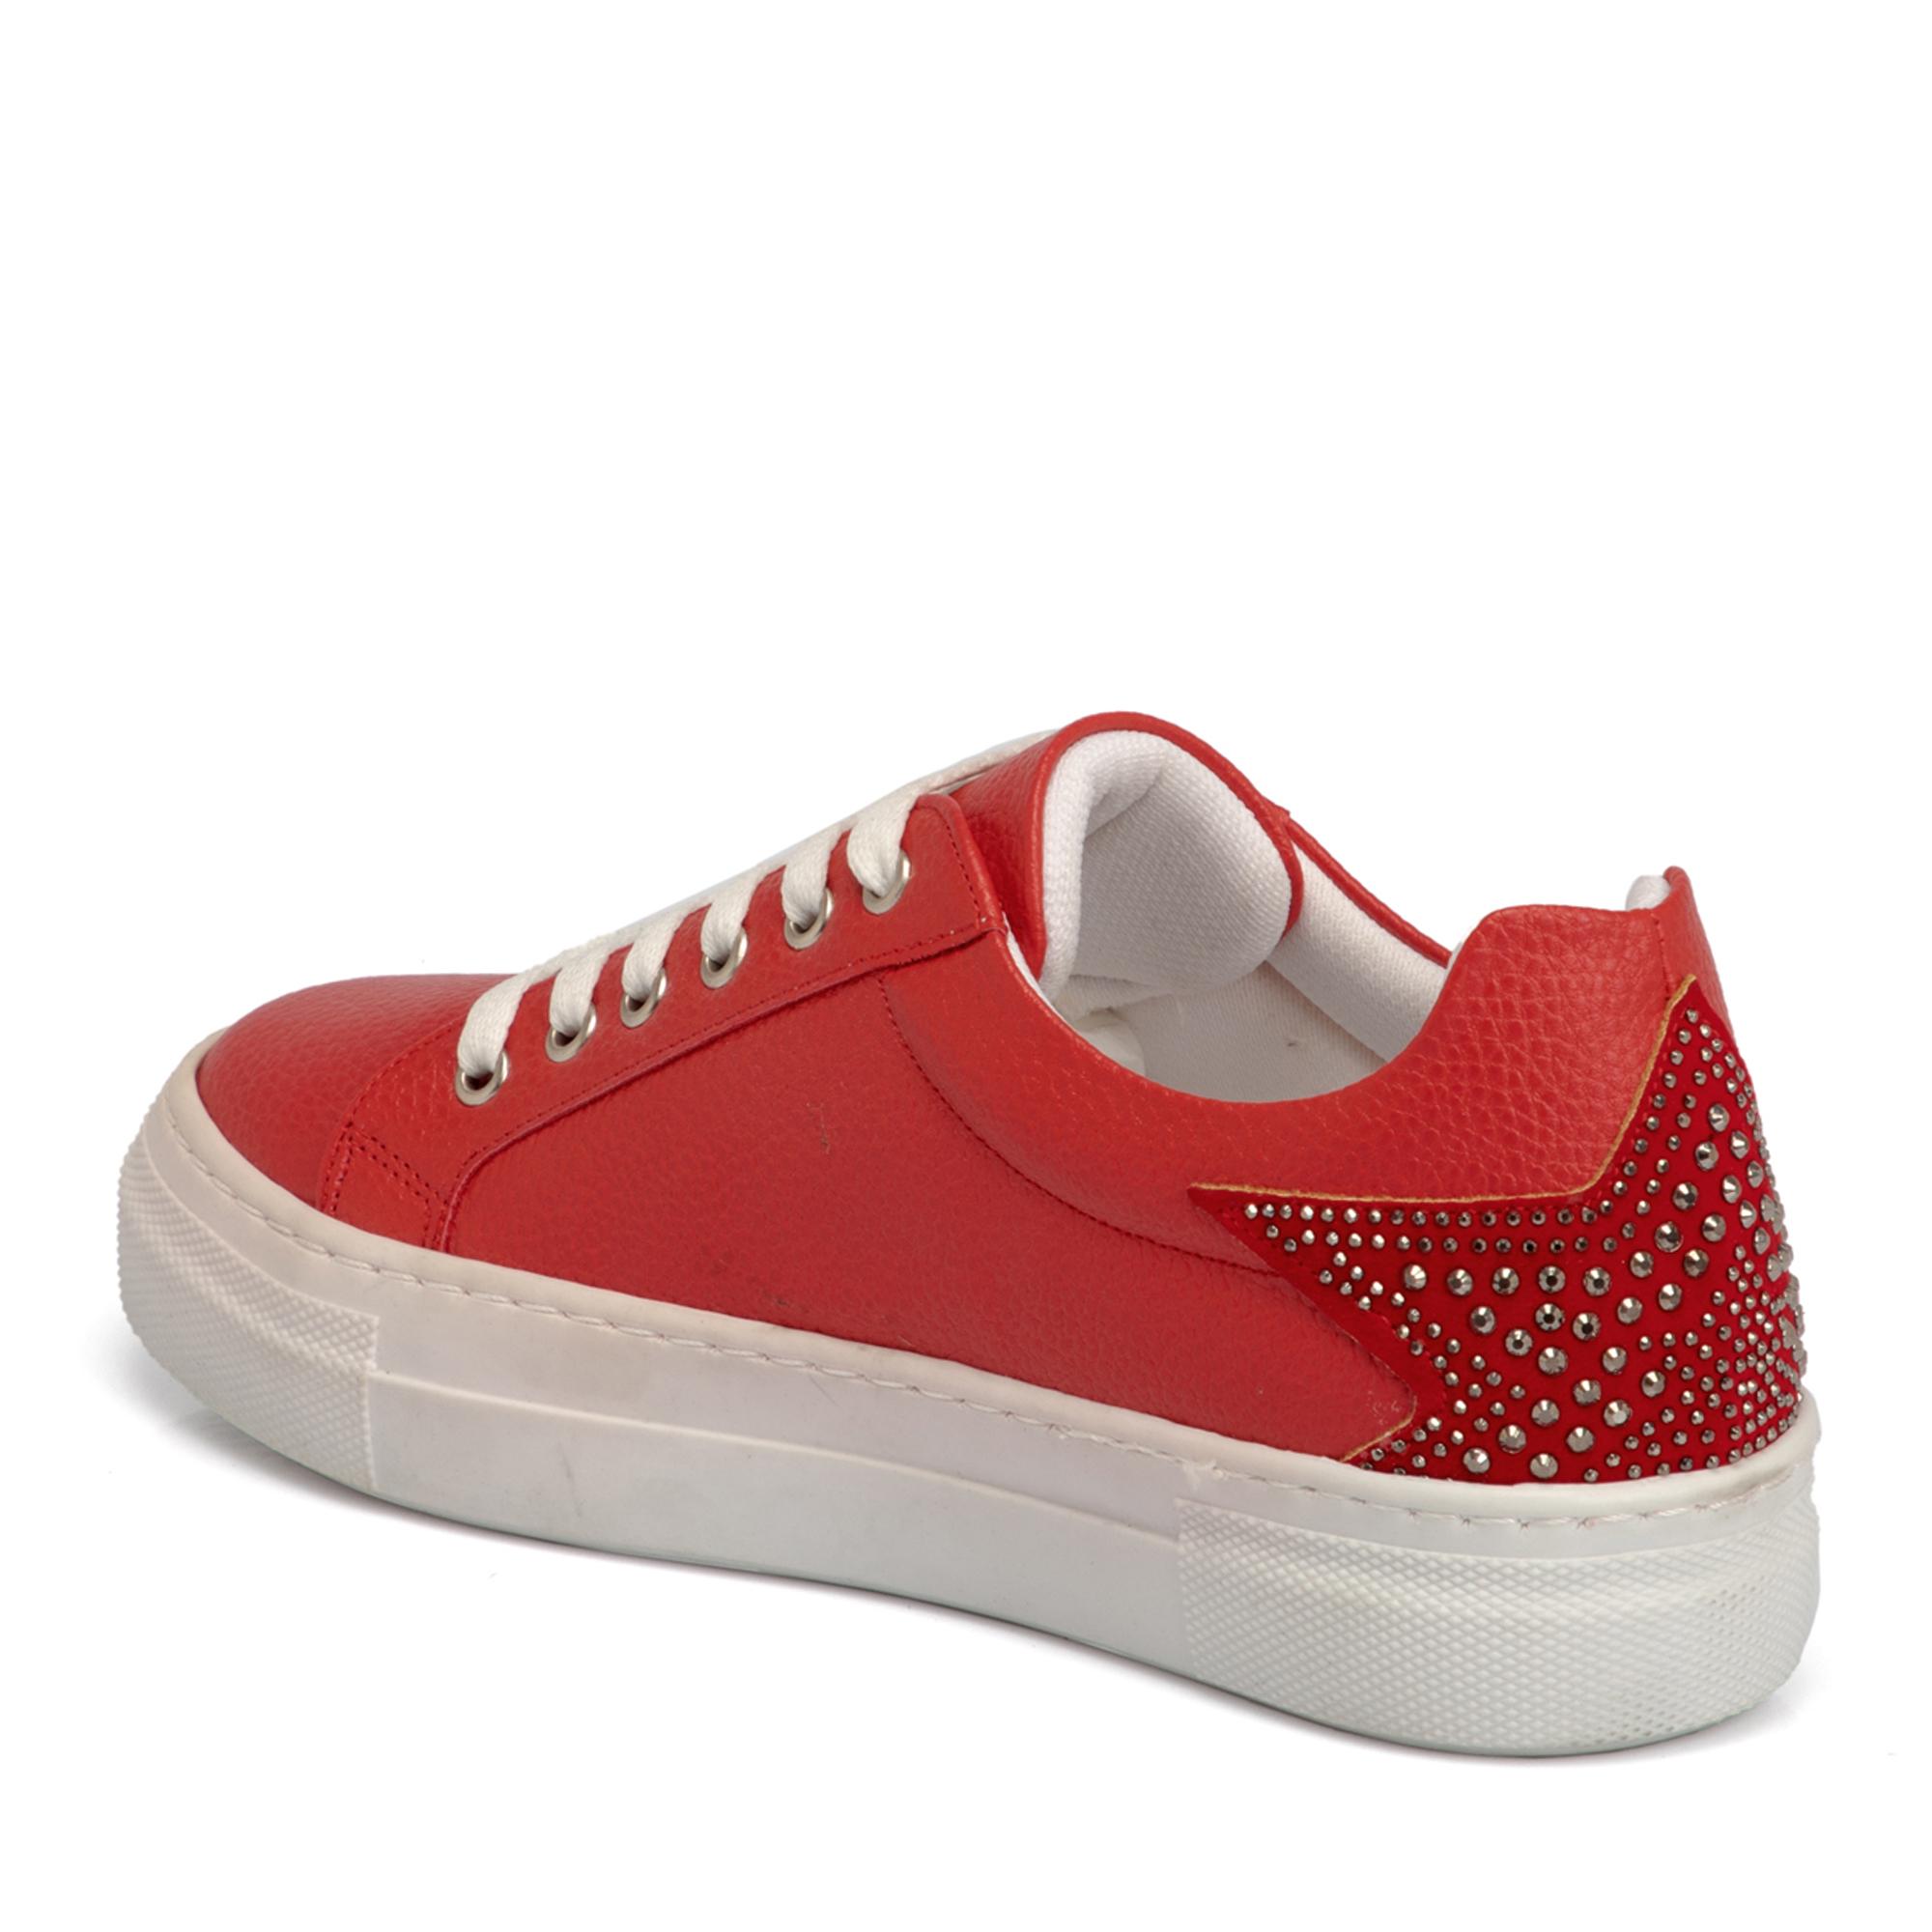 Kırmızı Kadın Ayakkabı 64549D64